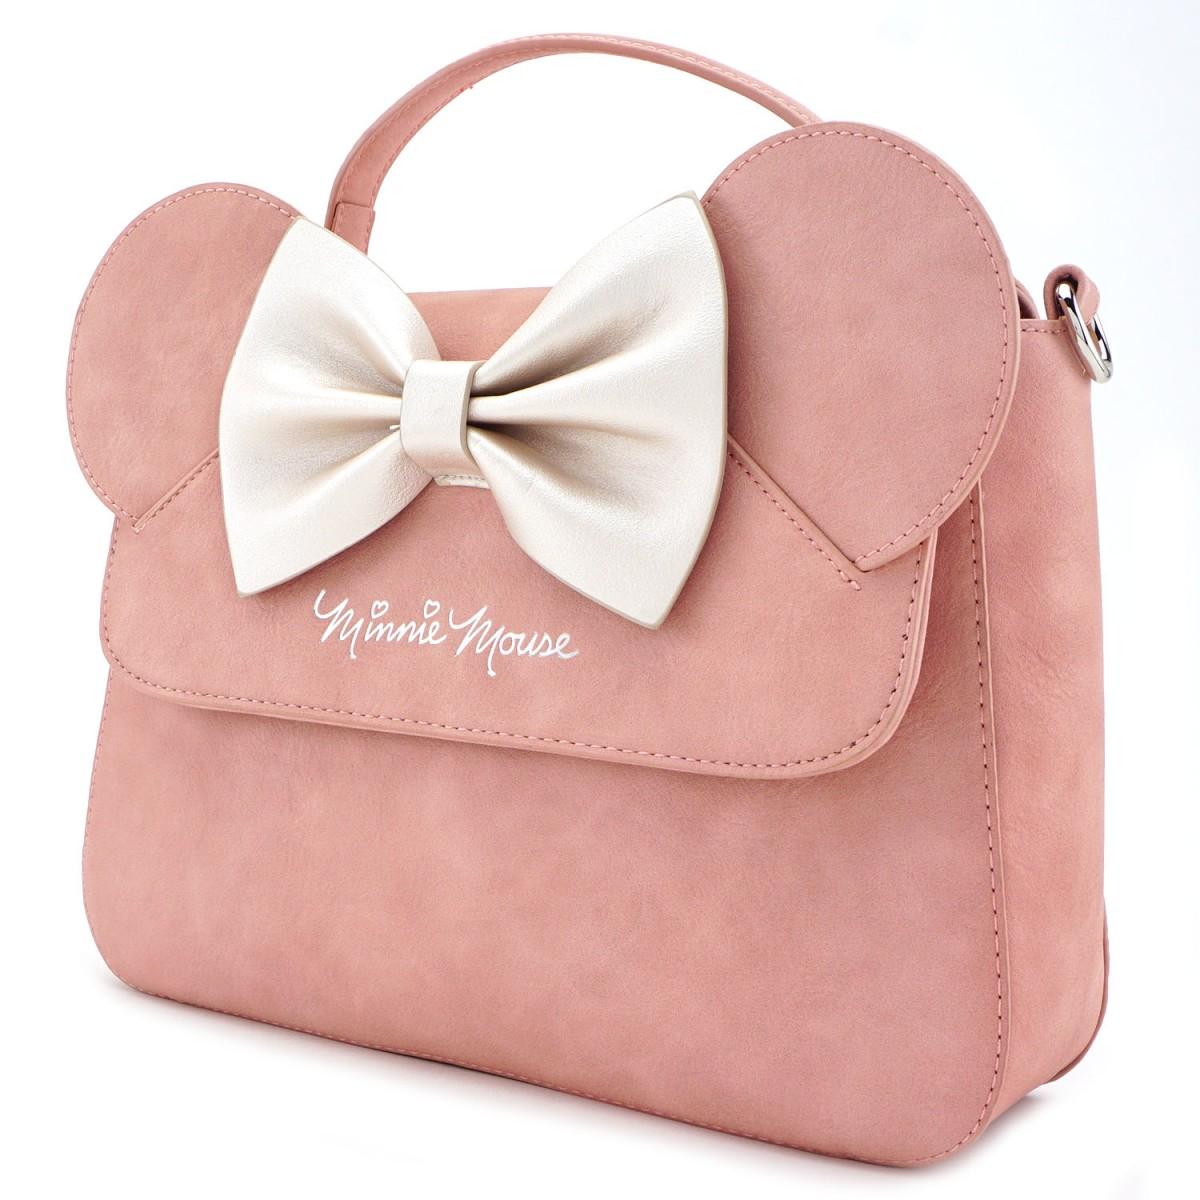 sac à main MINNIE rose bandouliere